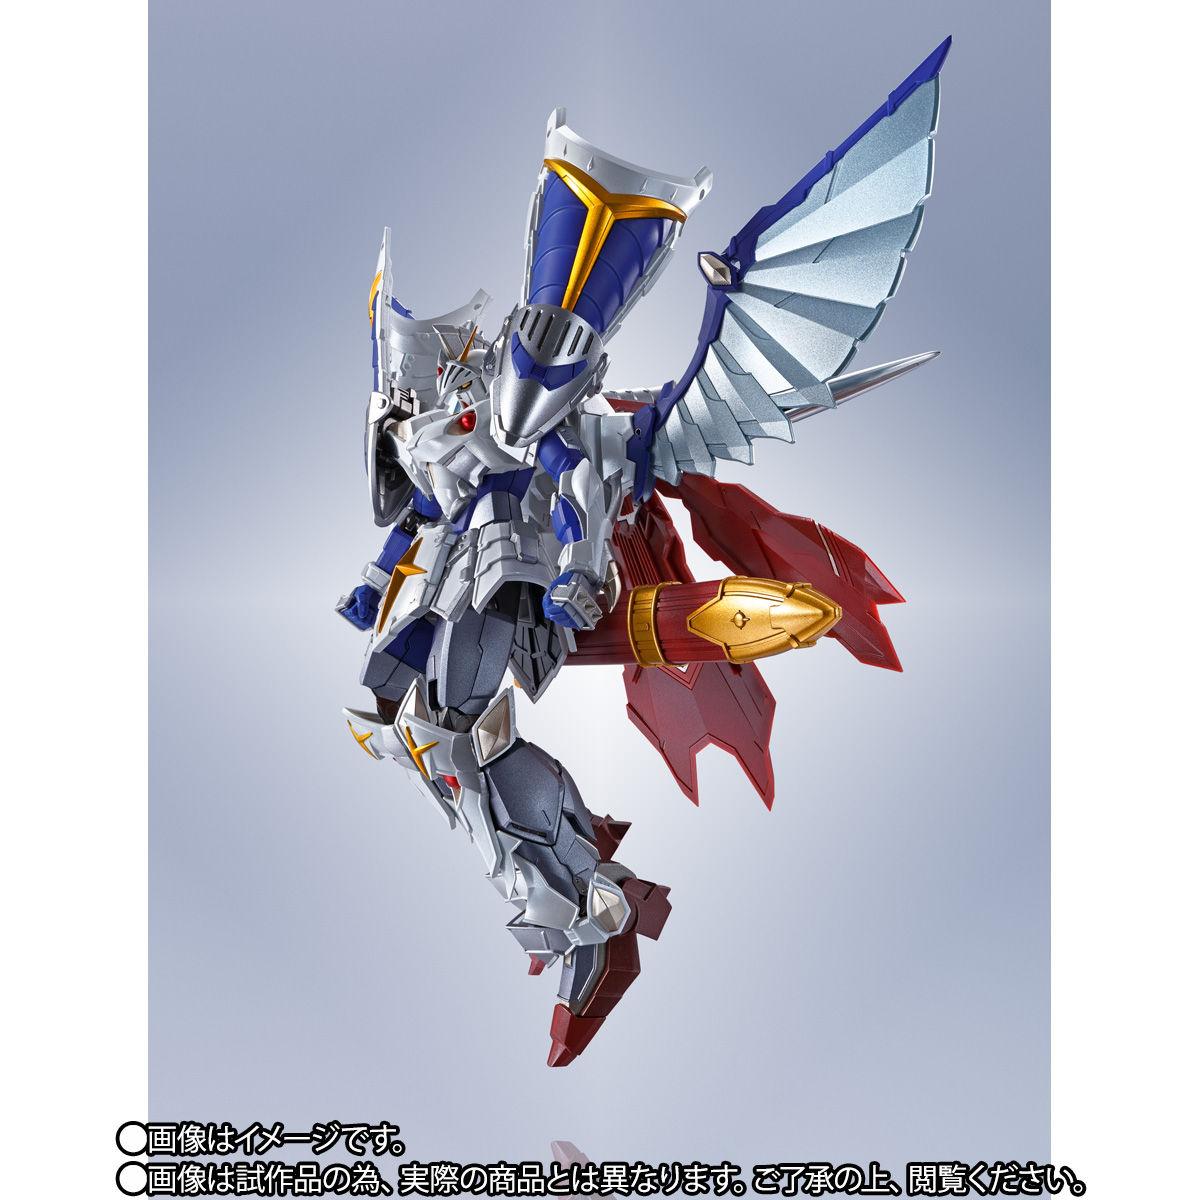 【限定販売】METAL ROBOT魂〈SIDE MS〉『バーサル騎士ガンダム(リアルタイプver.)』SDガンダム外伝 可動フィギュア-004